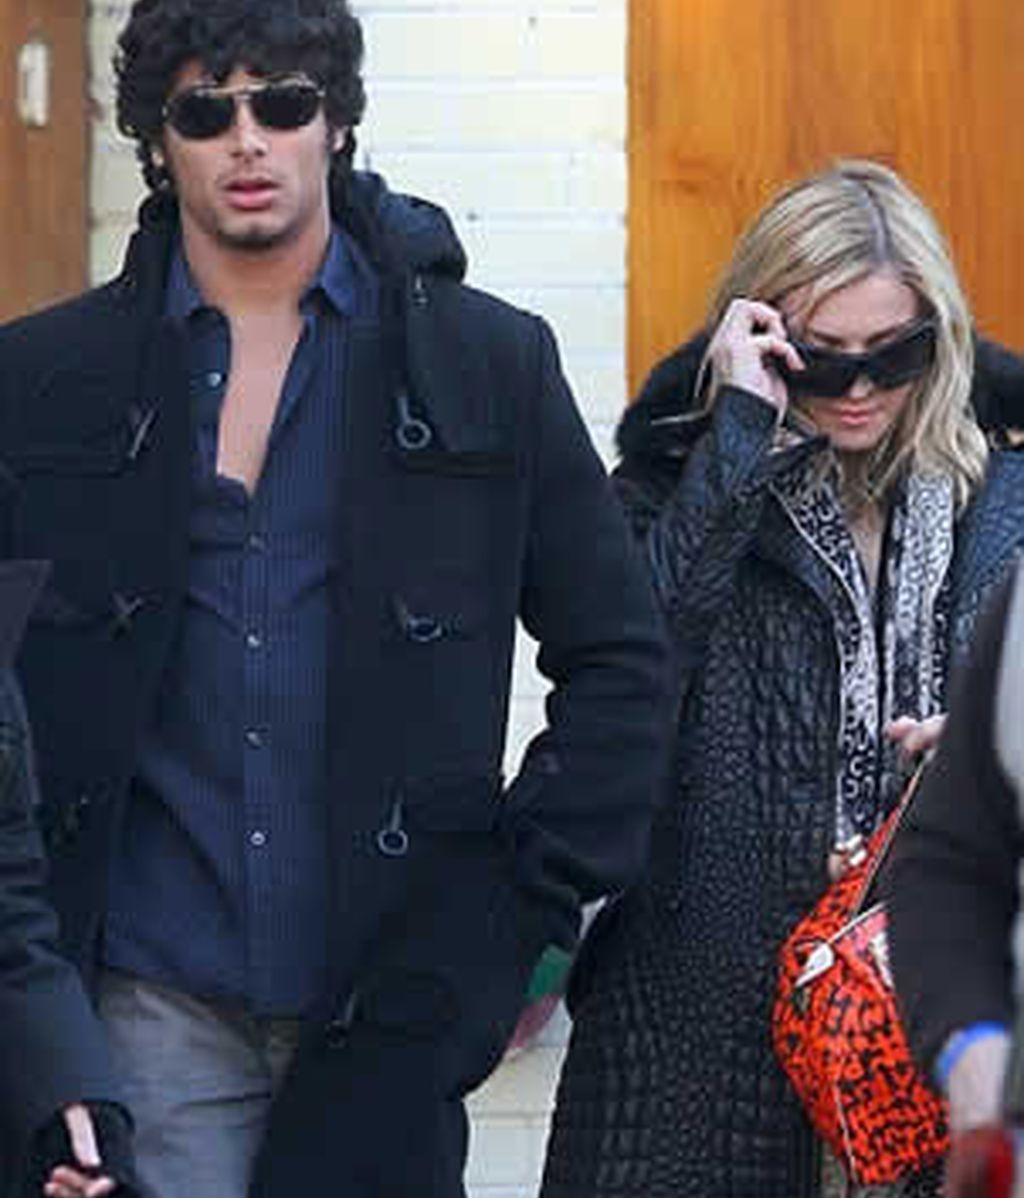 Madonna pasea por Nueva York con el modelo, Jesus Luz. Foto: dailymail.co.uk